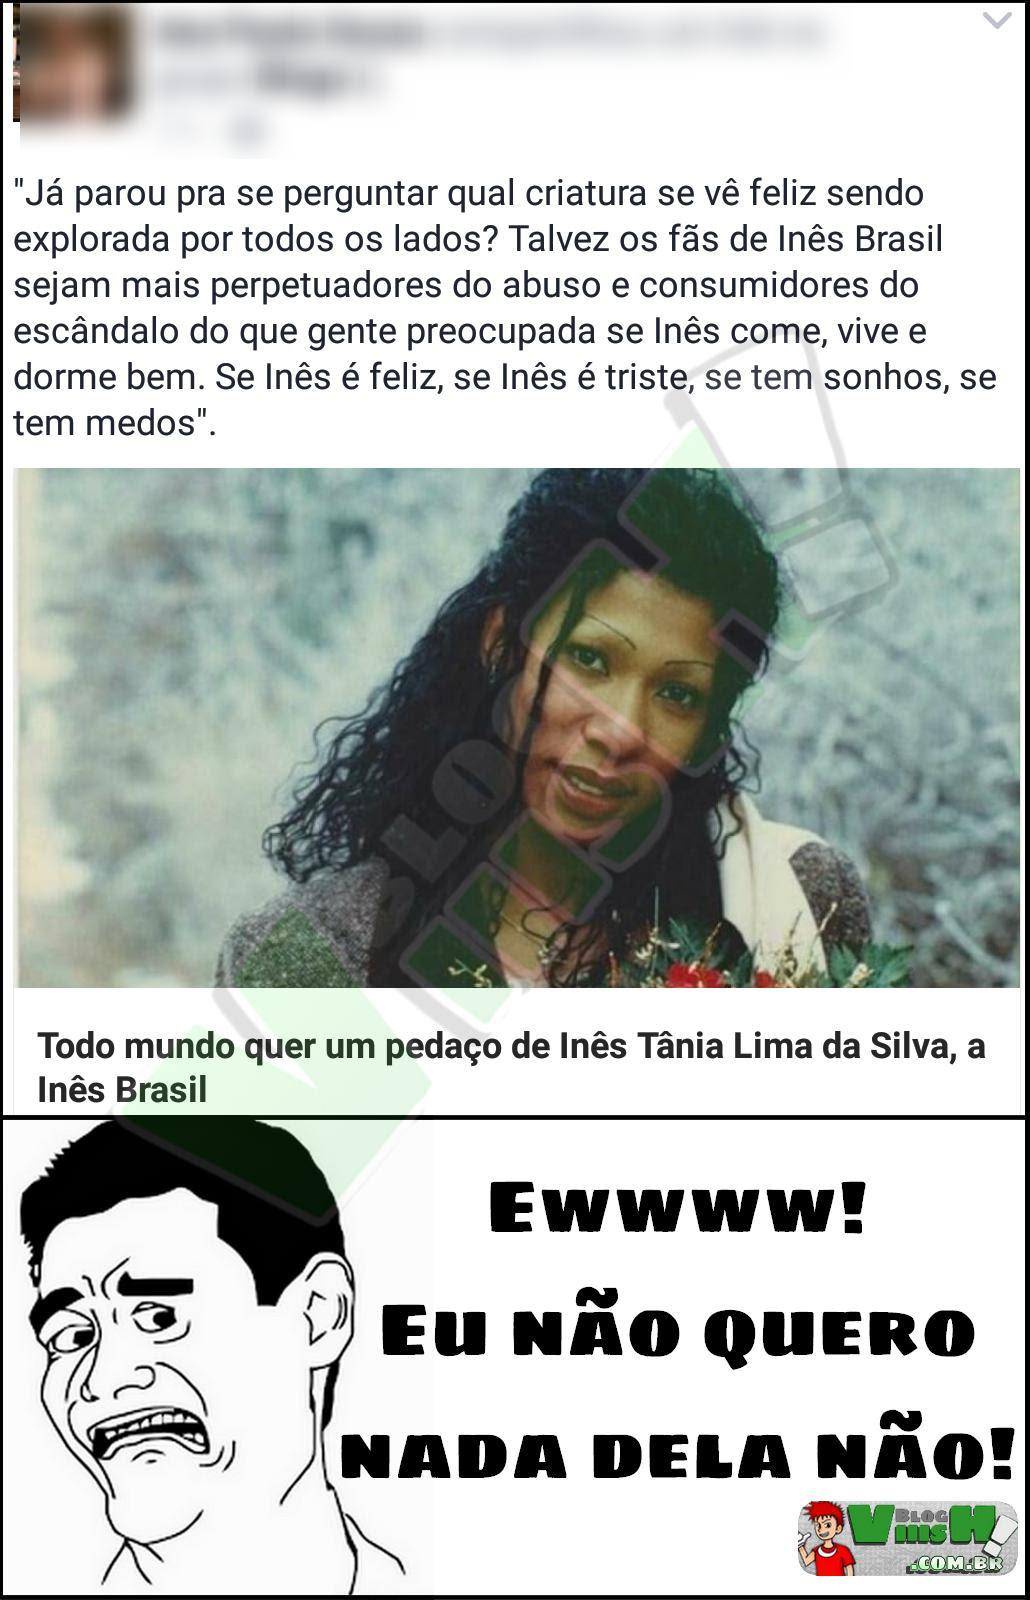 Blog Viiish - Eu não quero nada da Inês Brasil